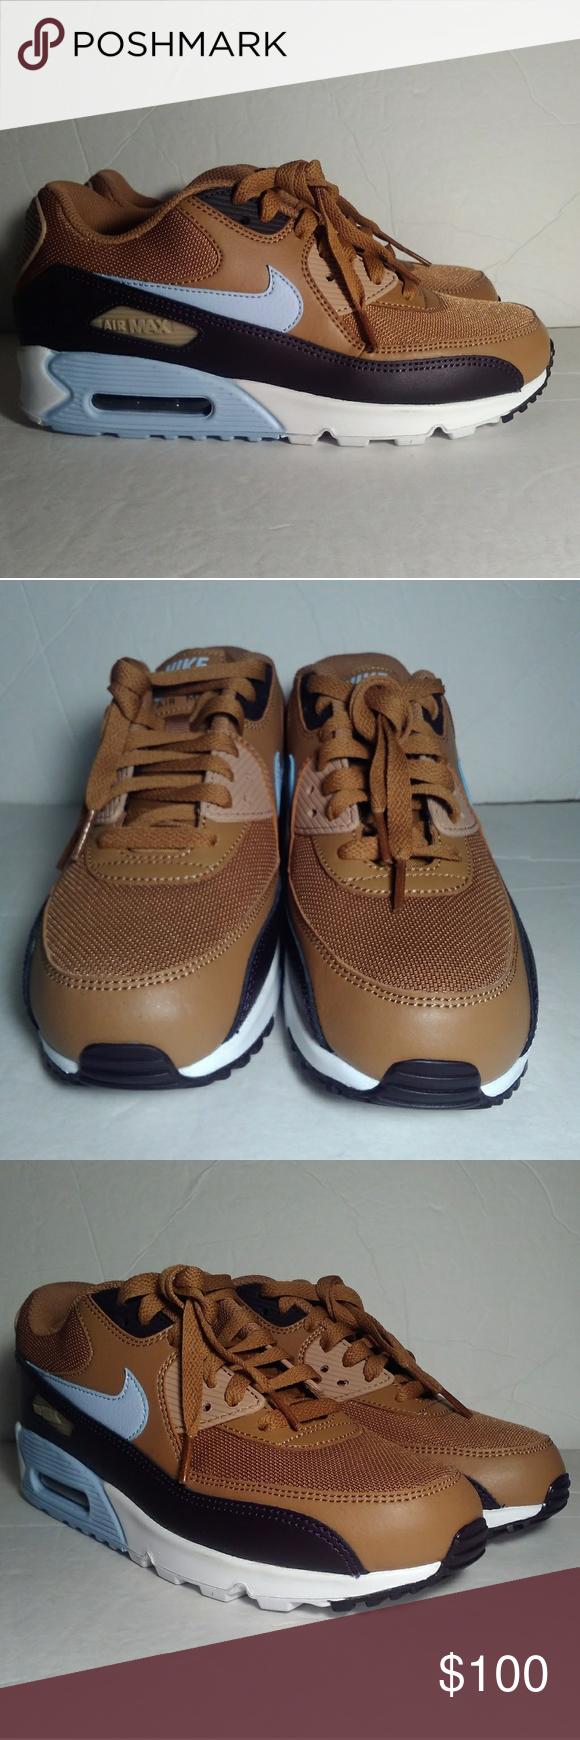 Nike Air Max 90 Essential AJ1285-202 Men Size 7 Nike Air Max 90 Essential  AJ1285-202 Men Size 7 Women 8.5 Nike Shoes Sneakers 81516d7b9